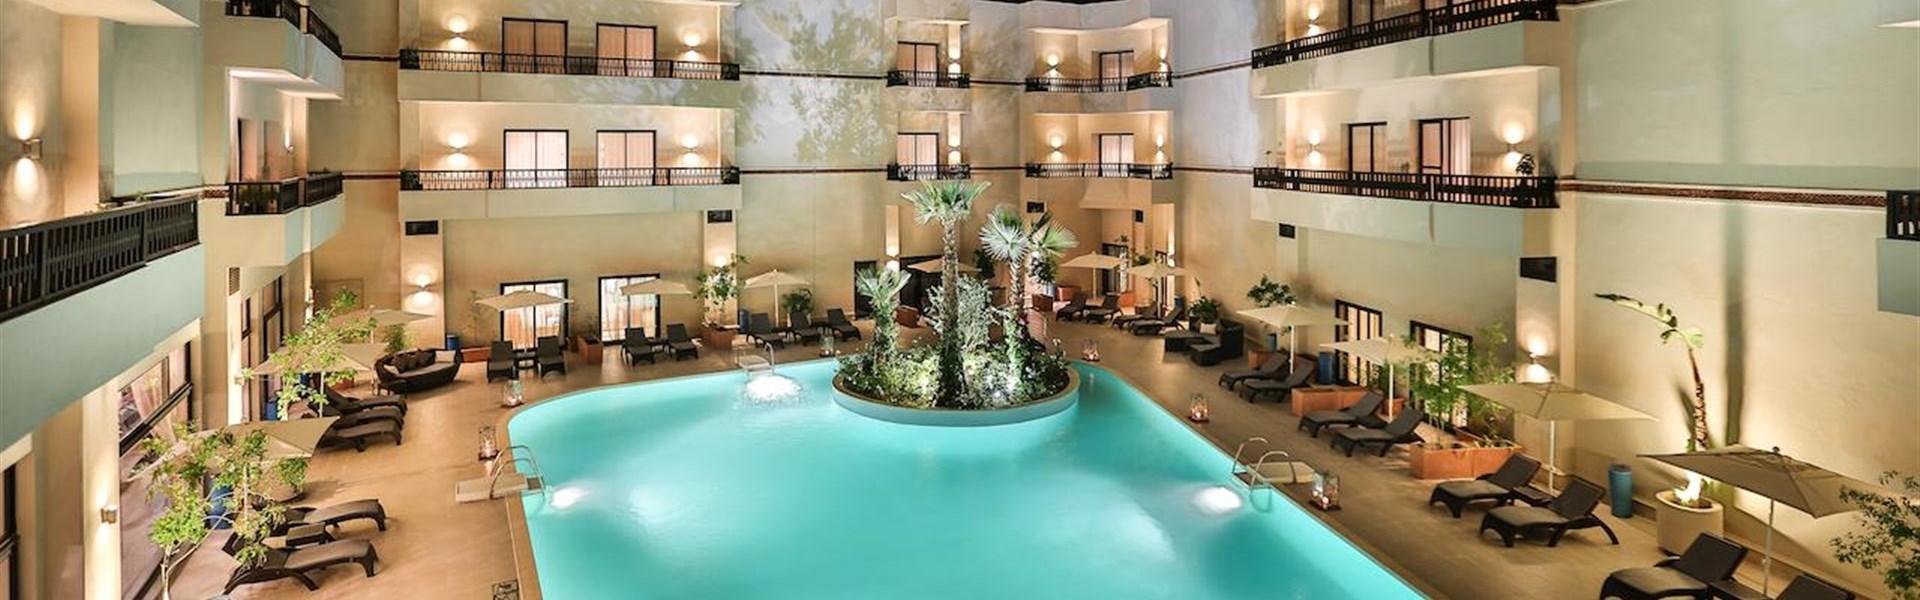 Marco Polo - Kech Boutique Hotel & Spa Marrákeš - Hotelový bazén